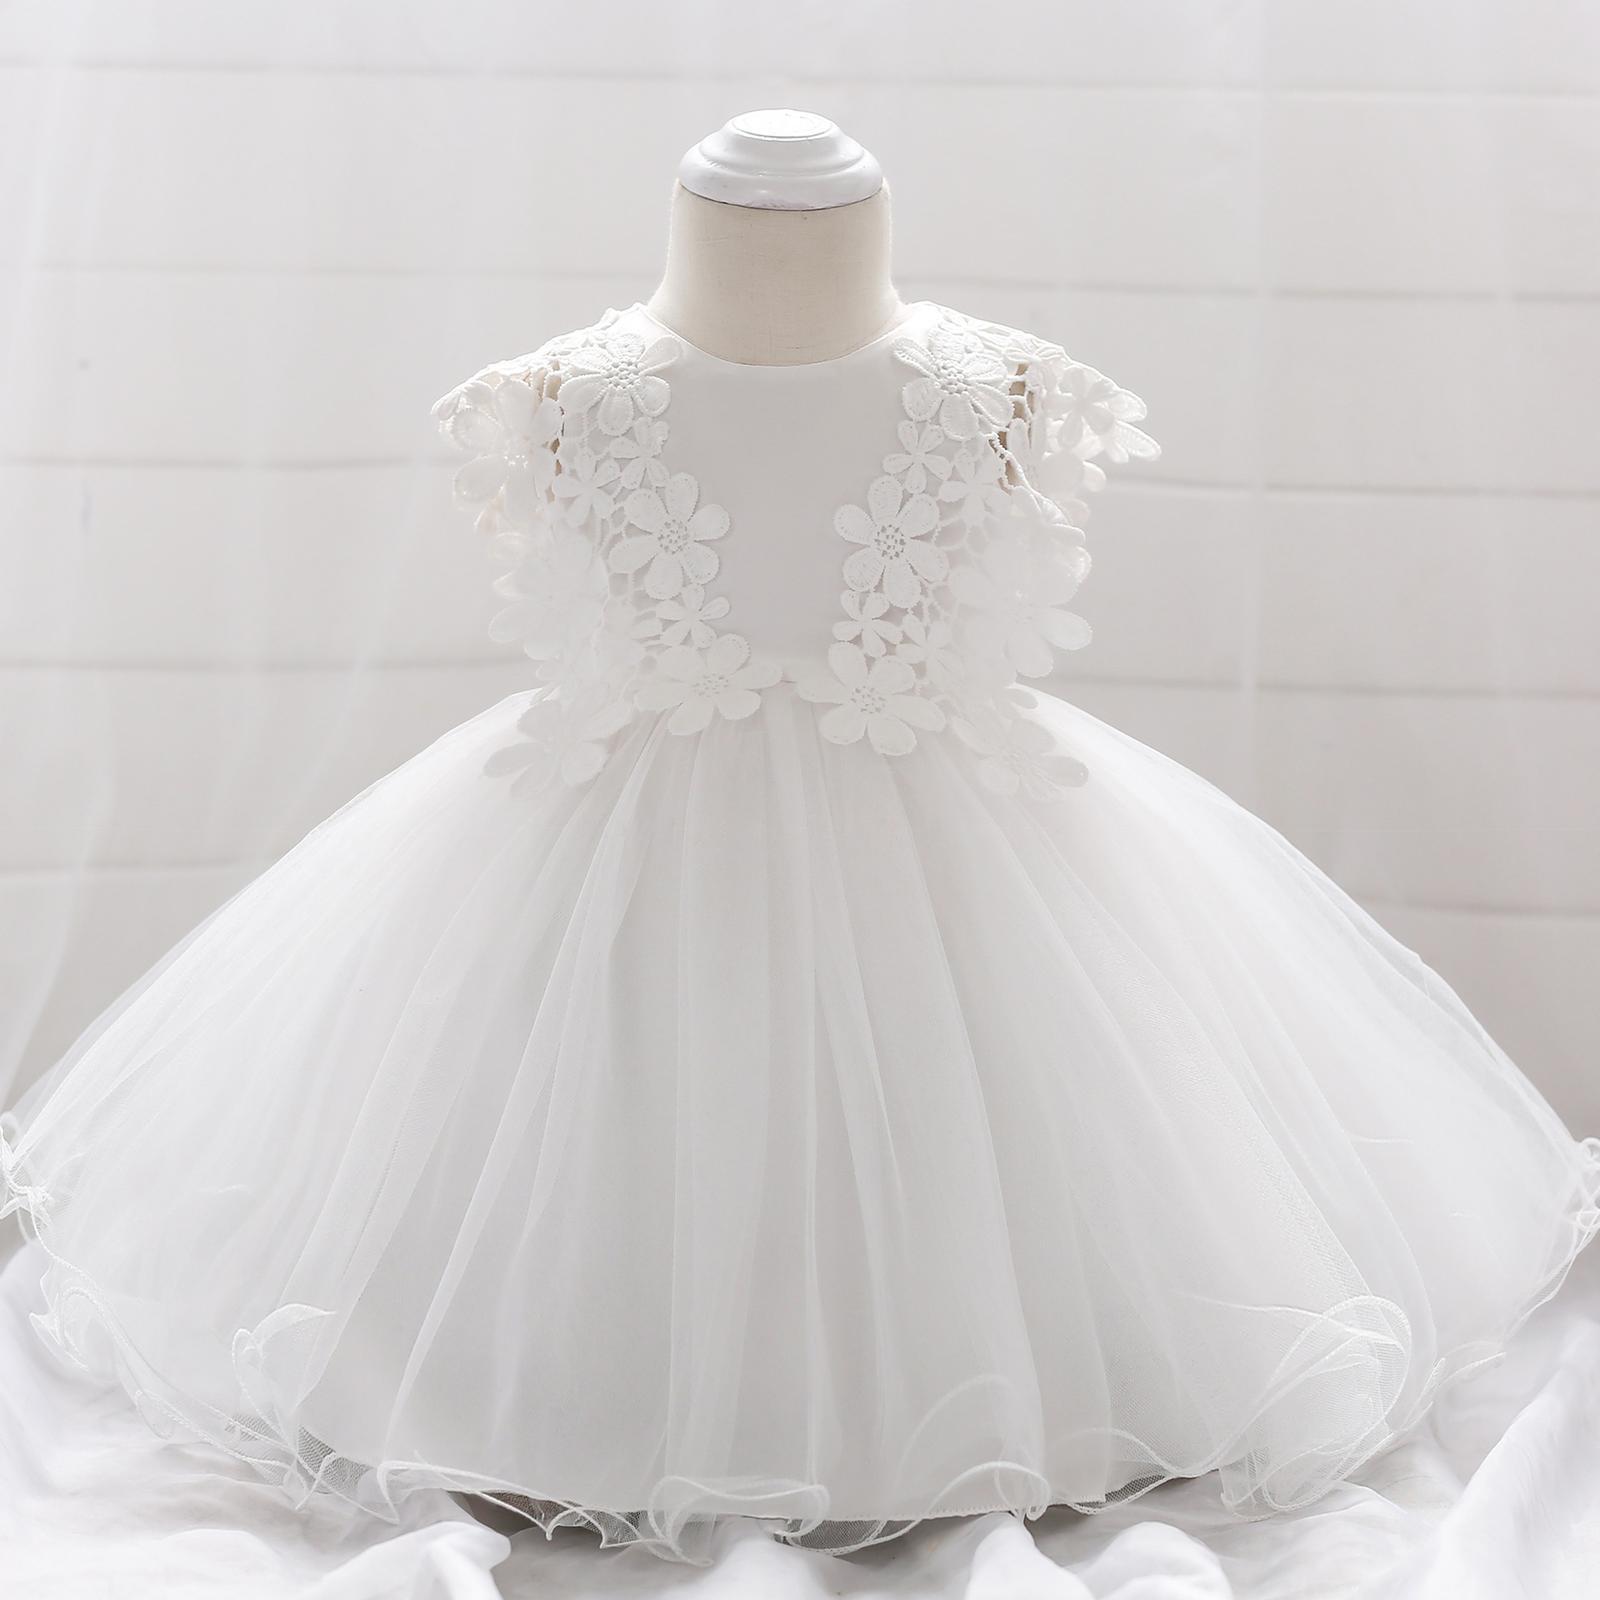 c283dff6e6f2 Detské šaty l1838xz - biele (74 - 92)